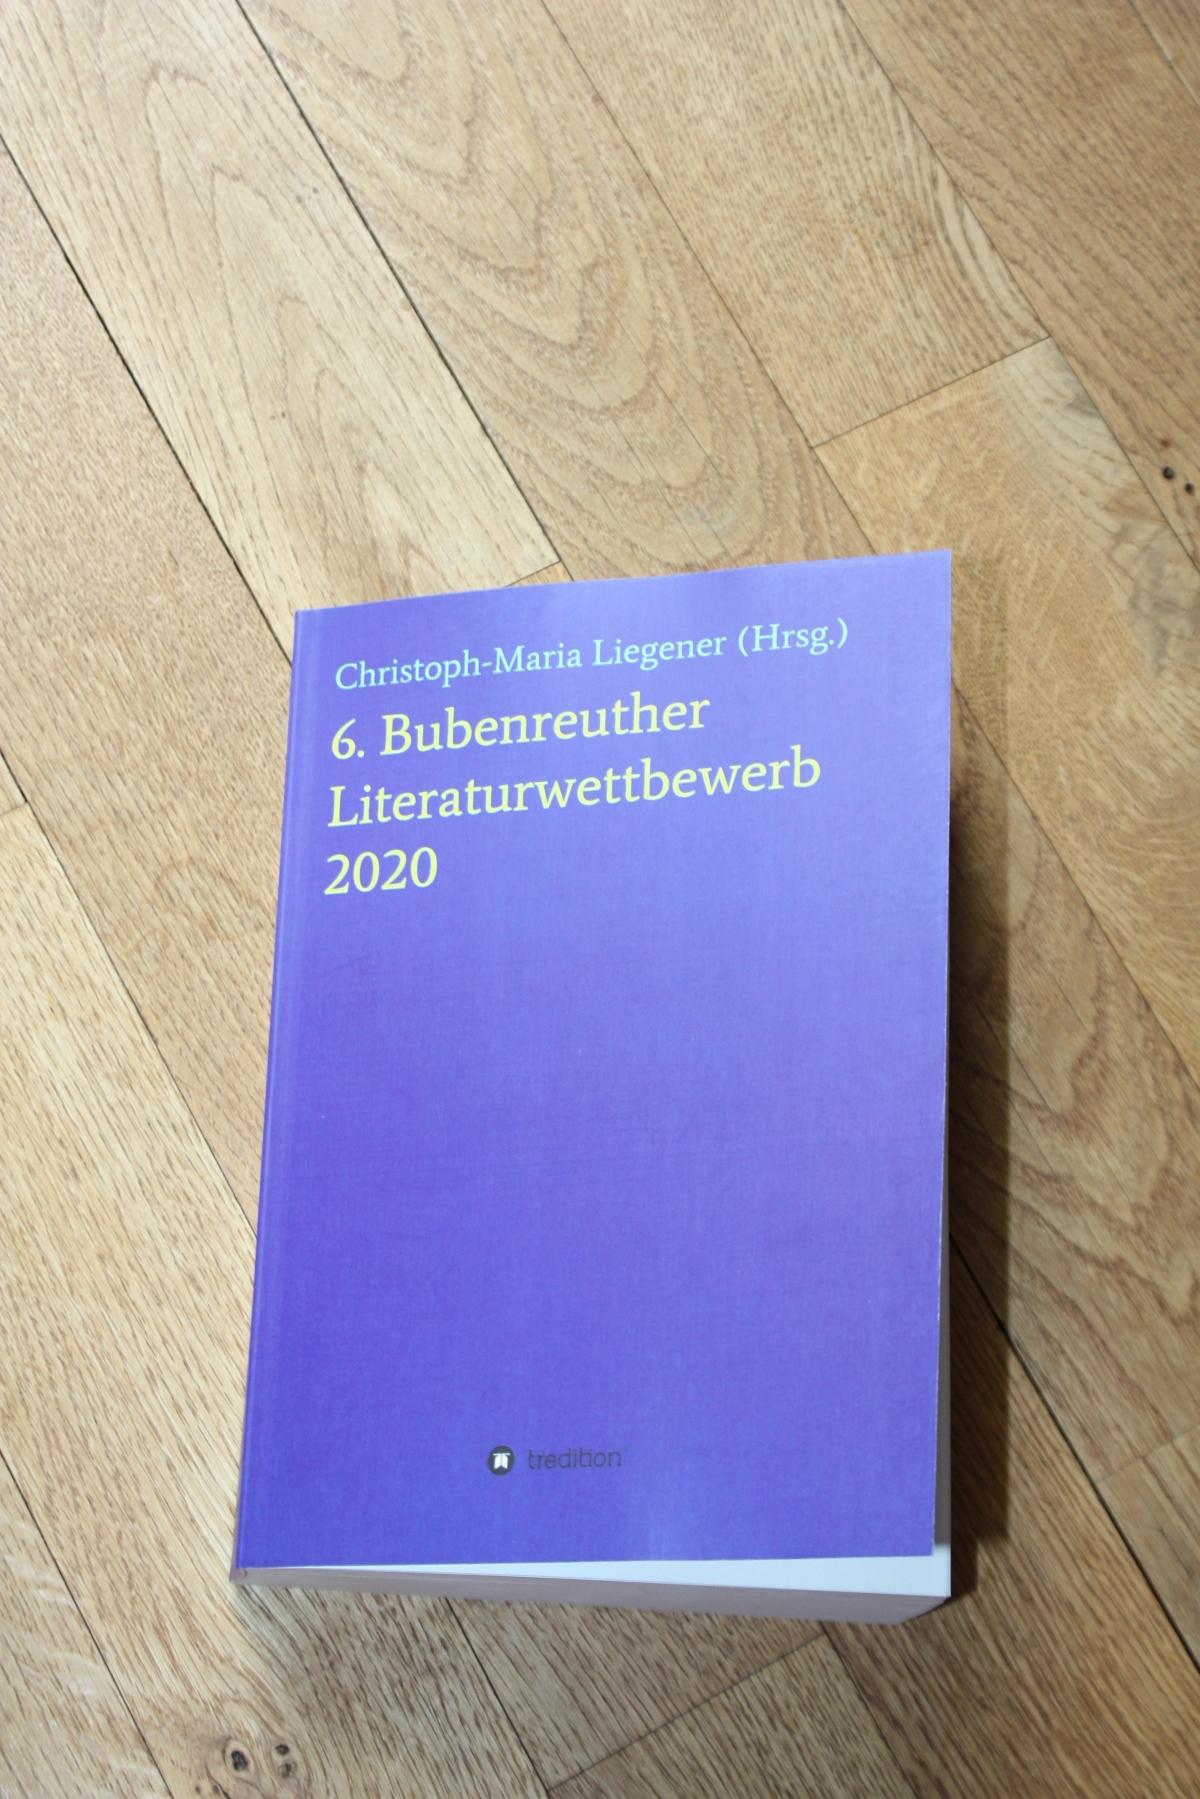 6. Bubenreuther Literaturwettbewerb